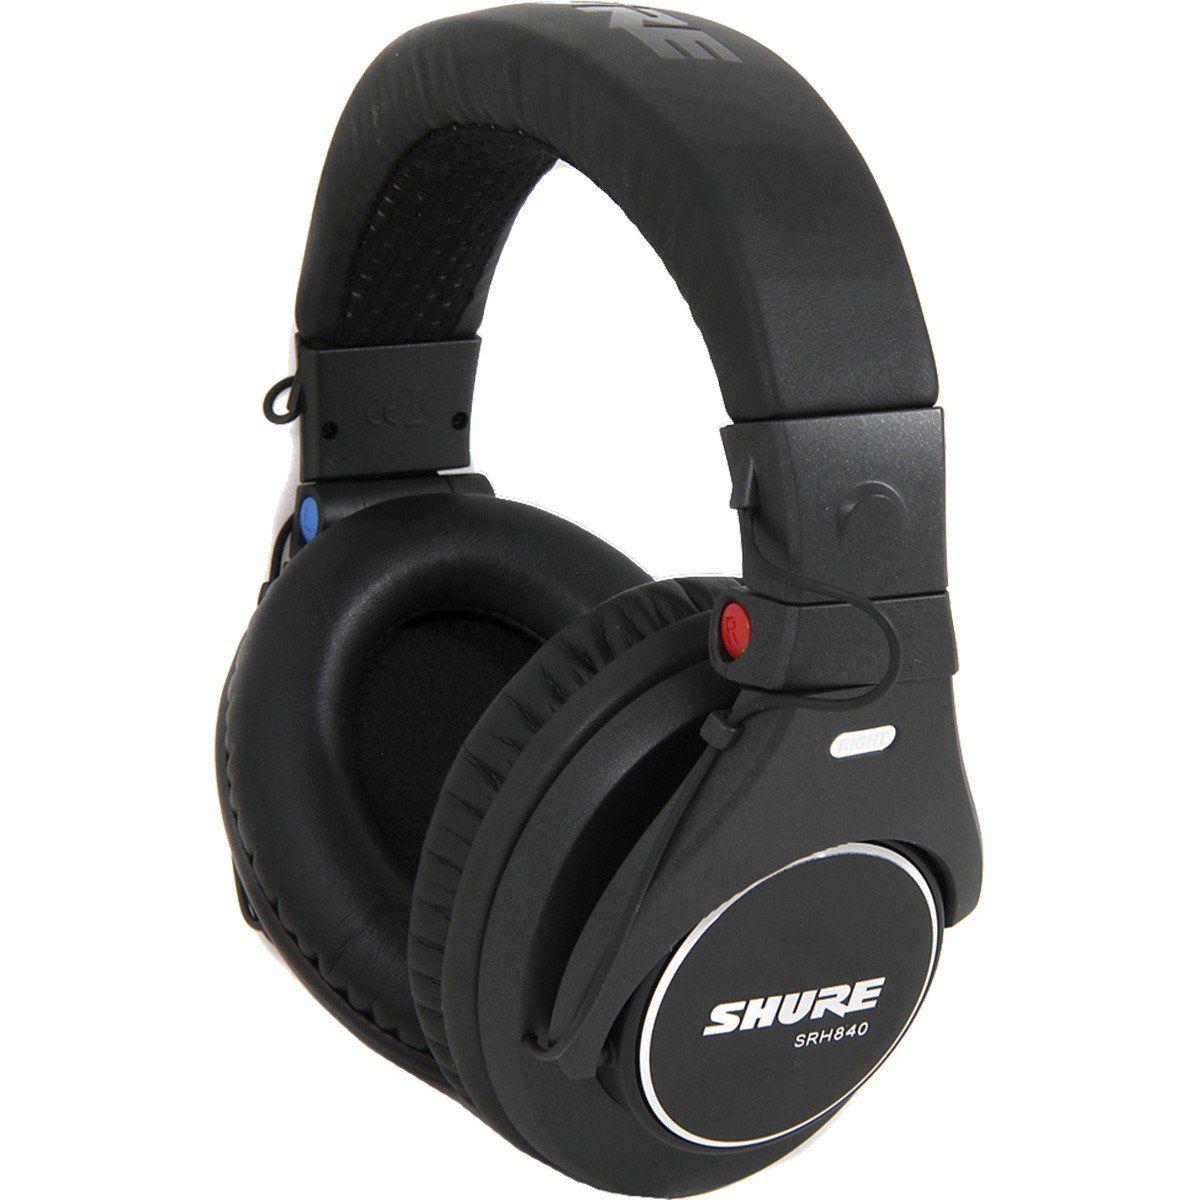 Shure SRH840 Fone de Ouvido SRH-840 Fechado para Monitoramento Profissional